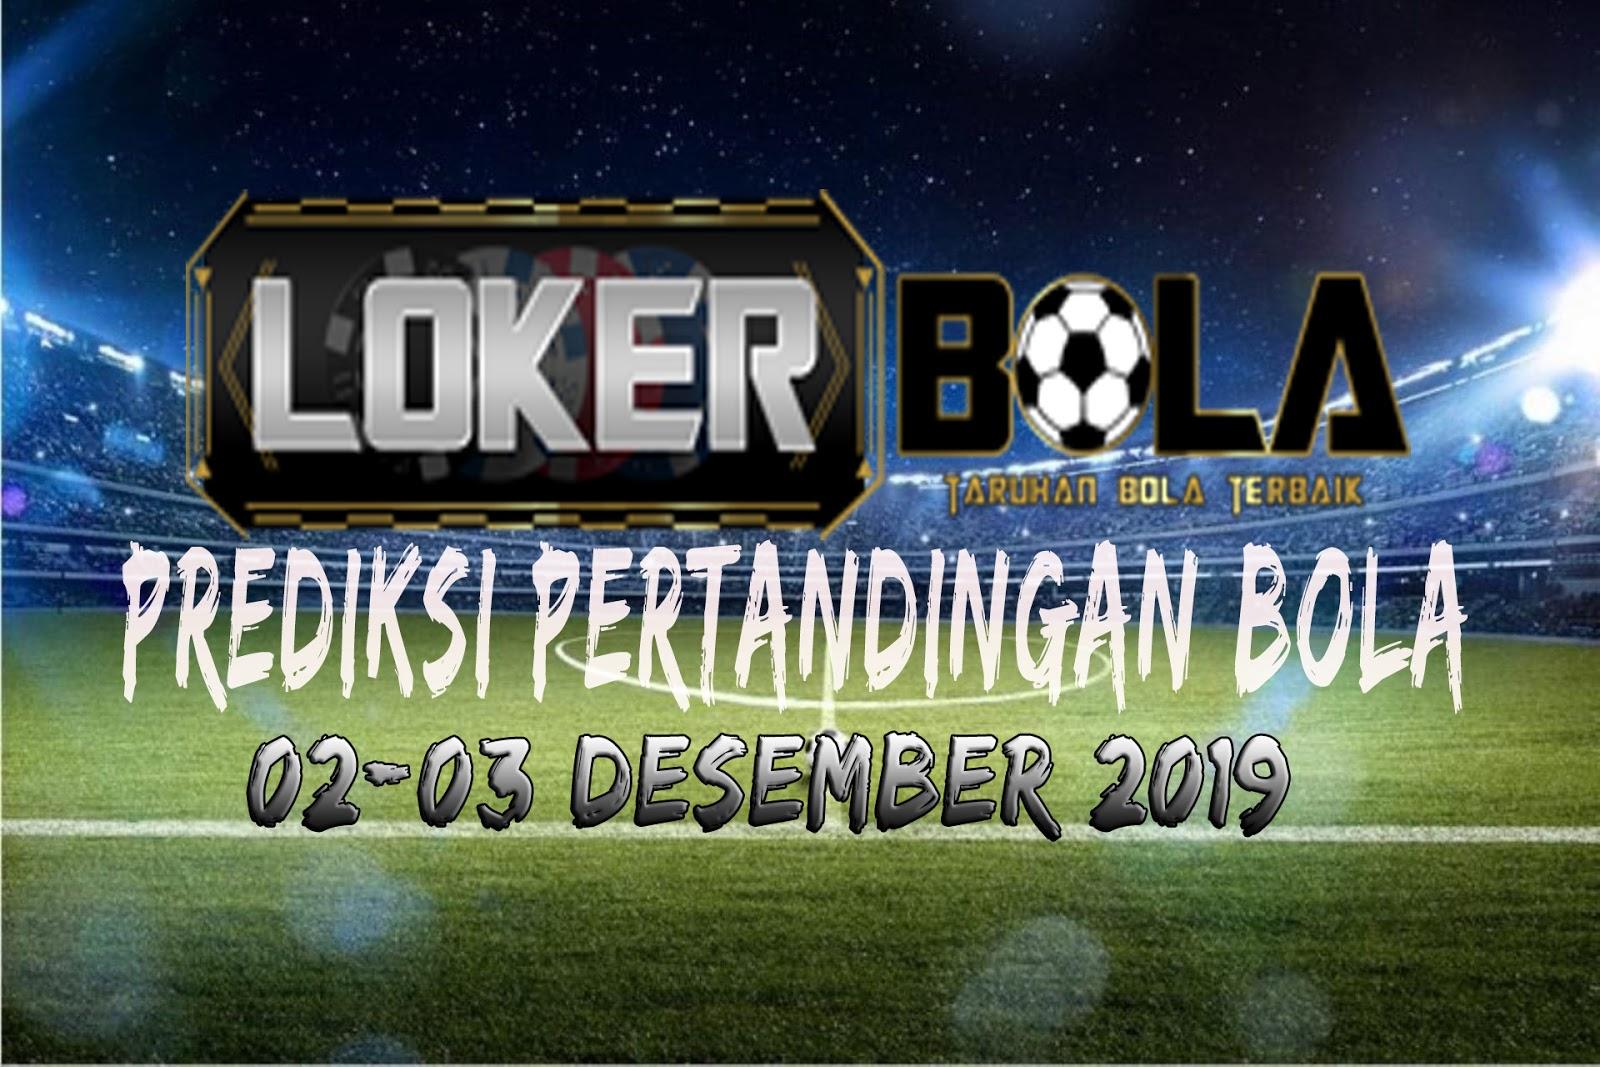 PREDIKSI PERTANDINGAN BOLA 02 – 03 DESEMBER 2019